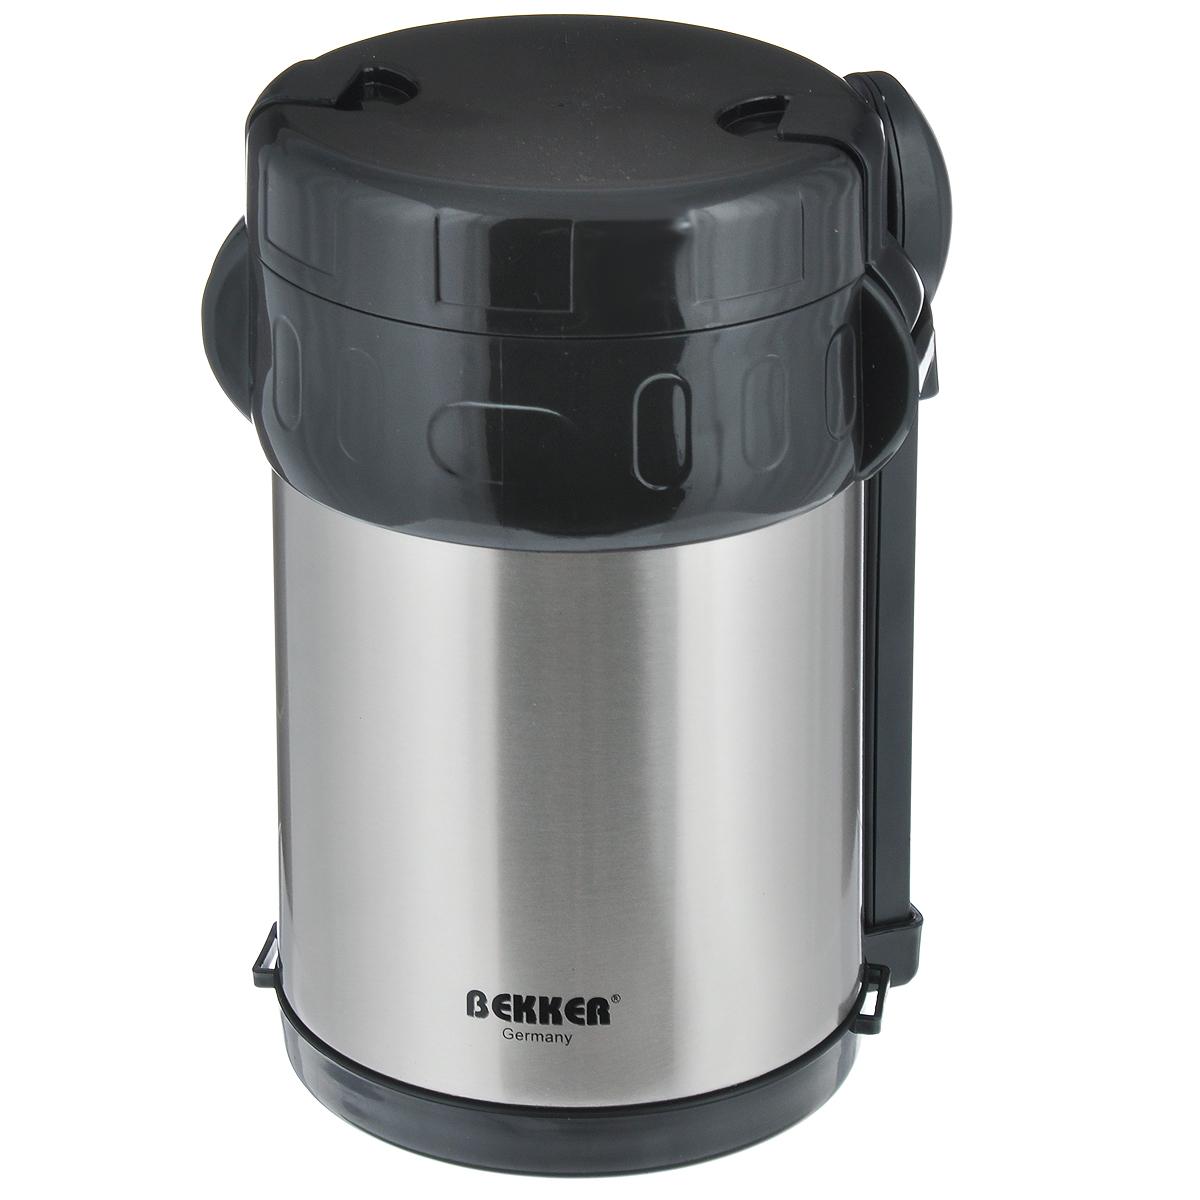 Термос пищевой Bekker, с контейнерами, цвет: черный, стальной, 2 л. BK-42BK-42_ черный, стальнойПищевой термос с широким горлом Bekker, изготовленный из высококачественной нержавеющей стали 18/8, прост в использовании и многофункционален. Изделие имеет двойные стенки, что позволяет пище долго оставаться горячей. Термос снабжен 3 пластиковыми контейнерами разного объема, а также металлической ложкой и вилкой в оригинальном чехле, который вставляется в специальную выемку сбоку термоса. Для удобной переноски предусмотрен специальный ремешок. Термос предназначен для хранения горячей и холодной пищи, замороженных продуктов, мороженного, фруктов и льда. Крышка плотно закрывается на две защелки. Высота (с учетом крышки): 22 см. Диаметр горлышка: 13 см. Диаметр контейнеров: 11,5 см. Высота контейнеров: 9 см; 5 см; 3,5 см. Объем контейнеров: 700 мл; 400 мл; 250 мл. Длина вилки/ложки: 15 см.